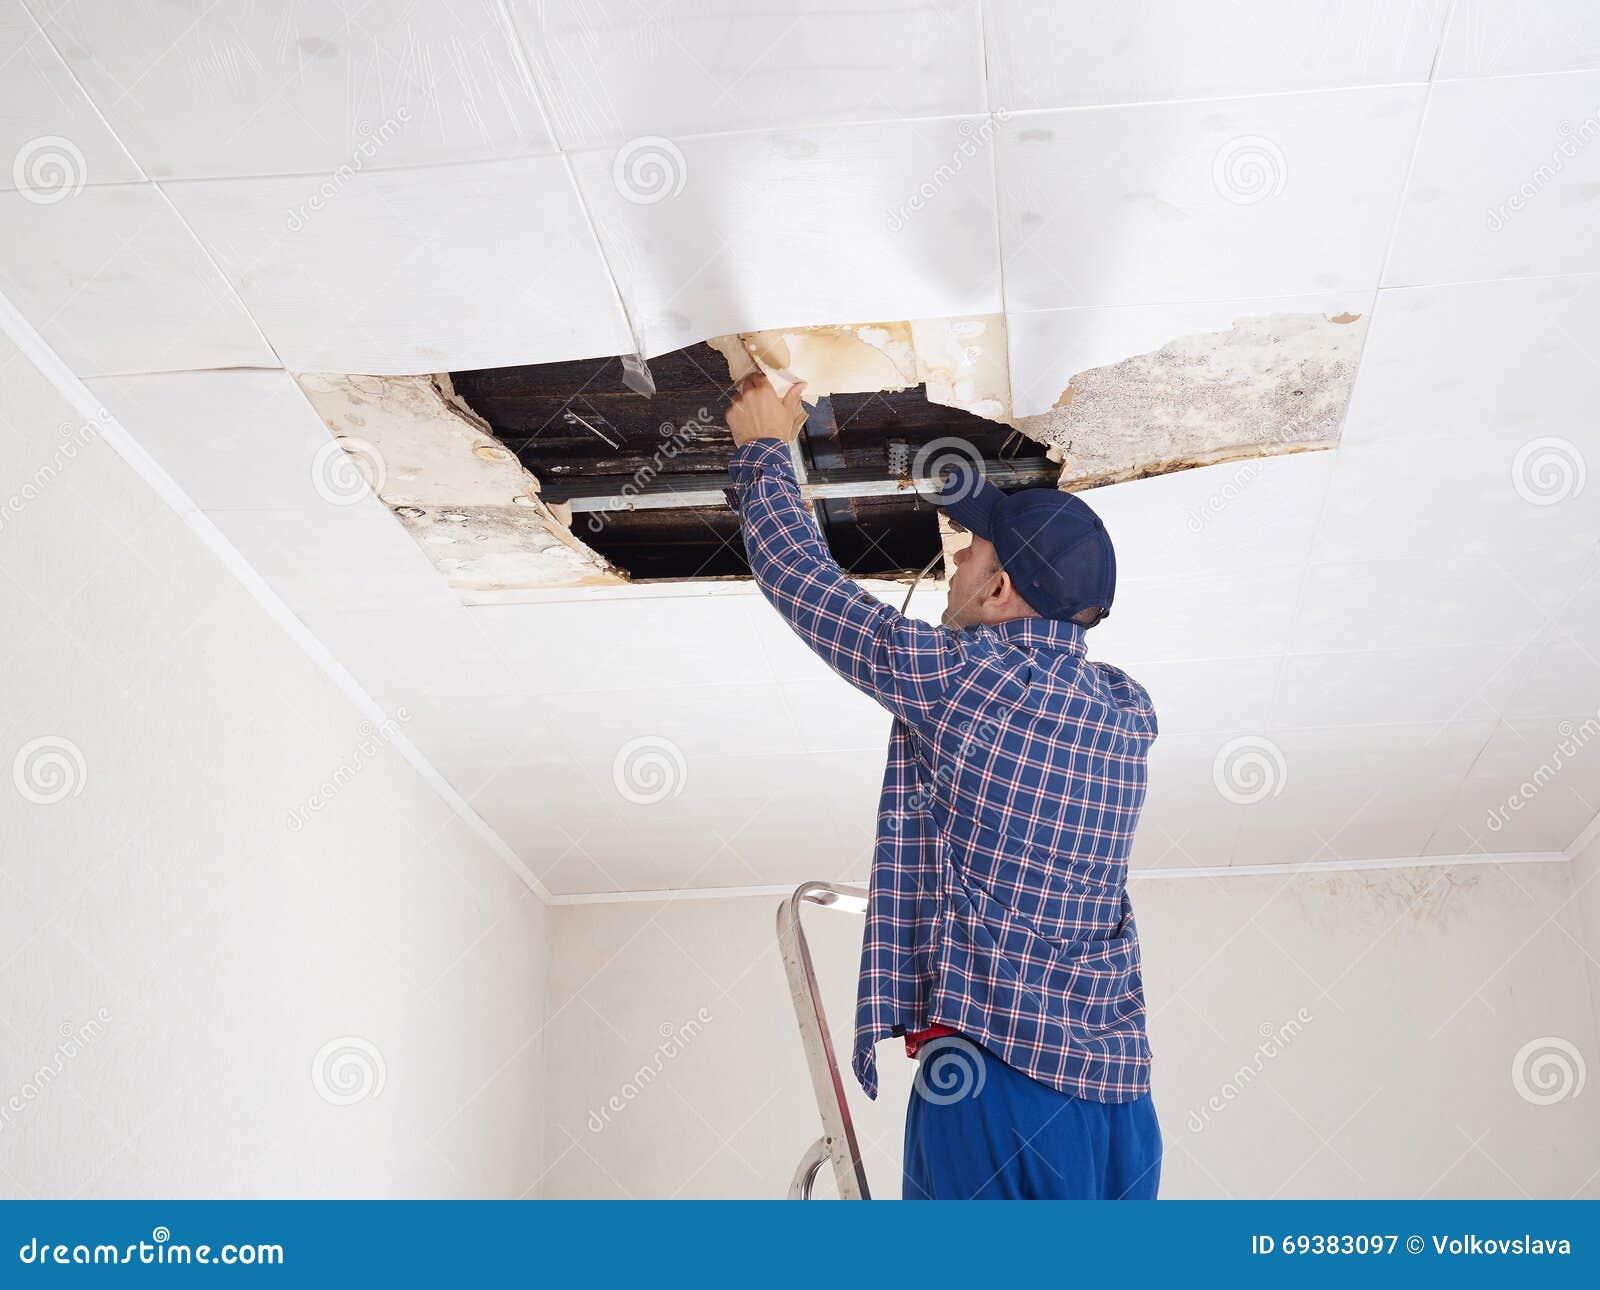 Man Repairing In Ceiling Stock Image Cartoondealer Com